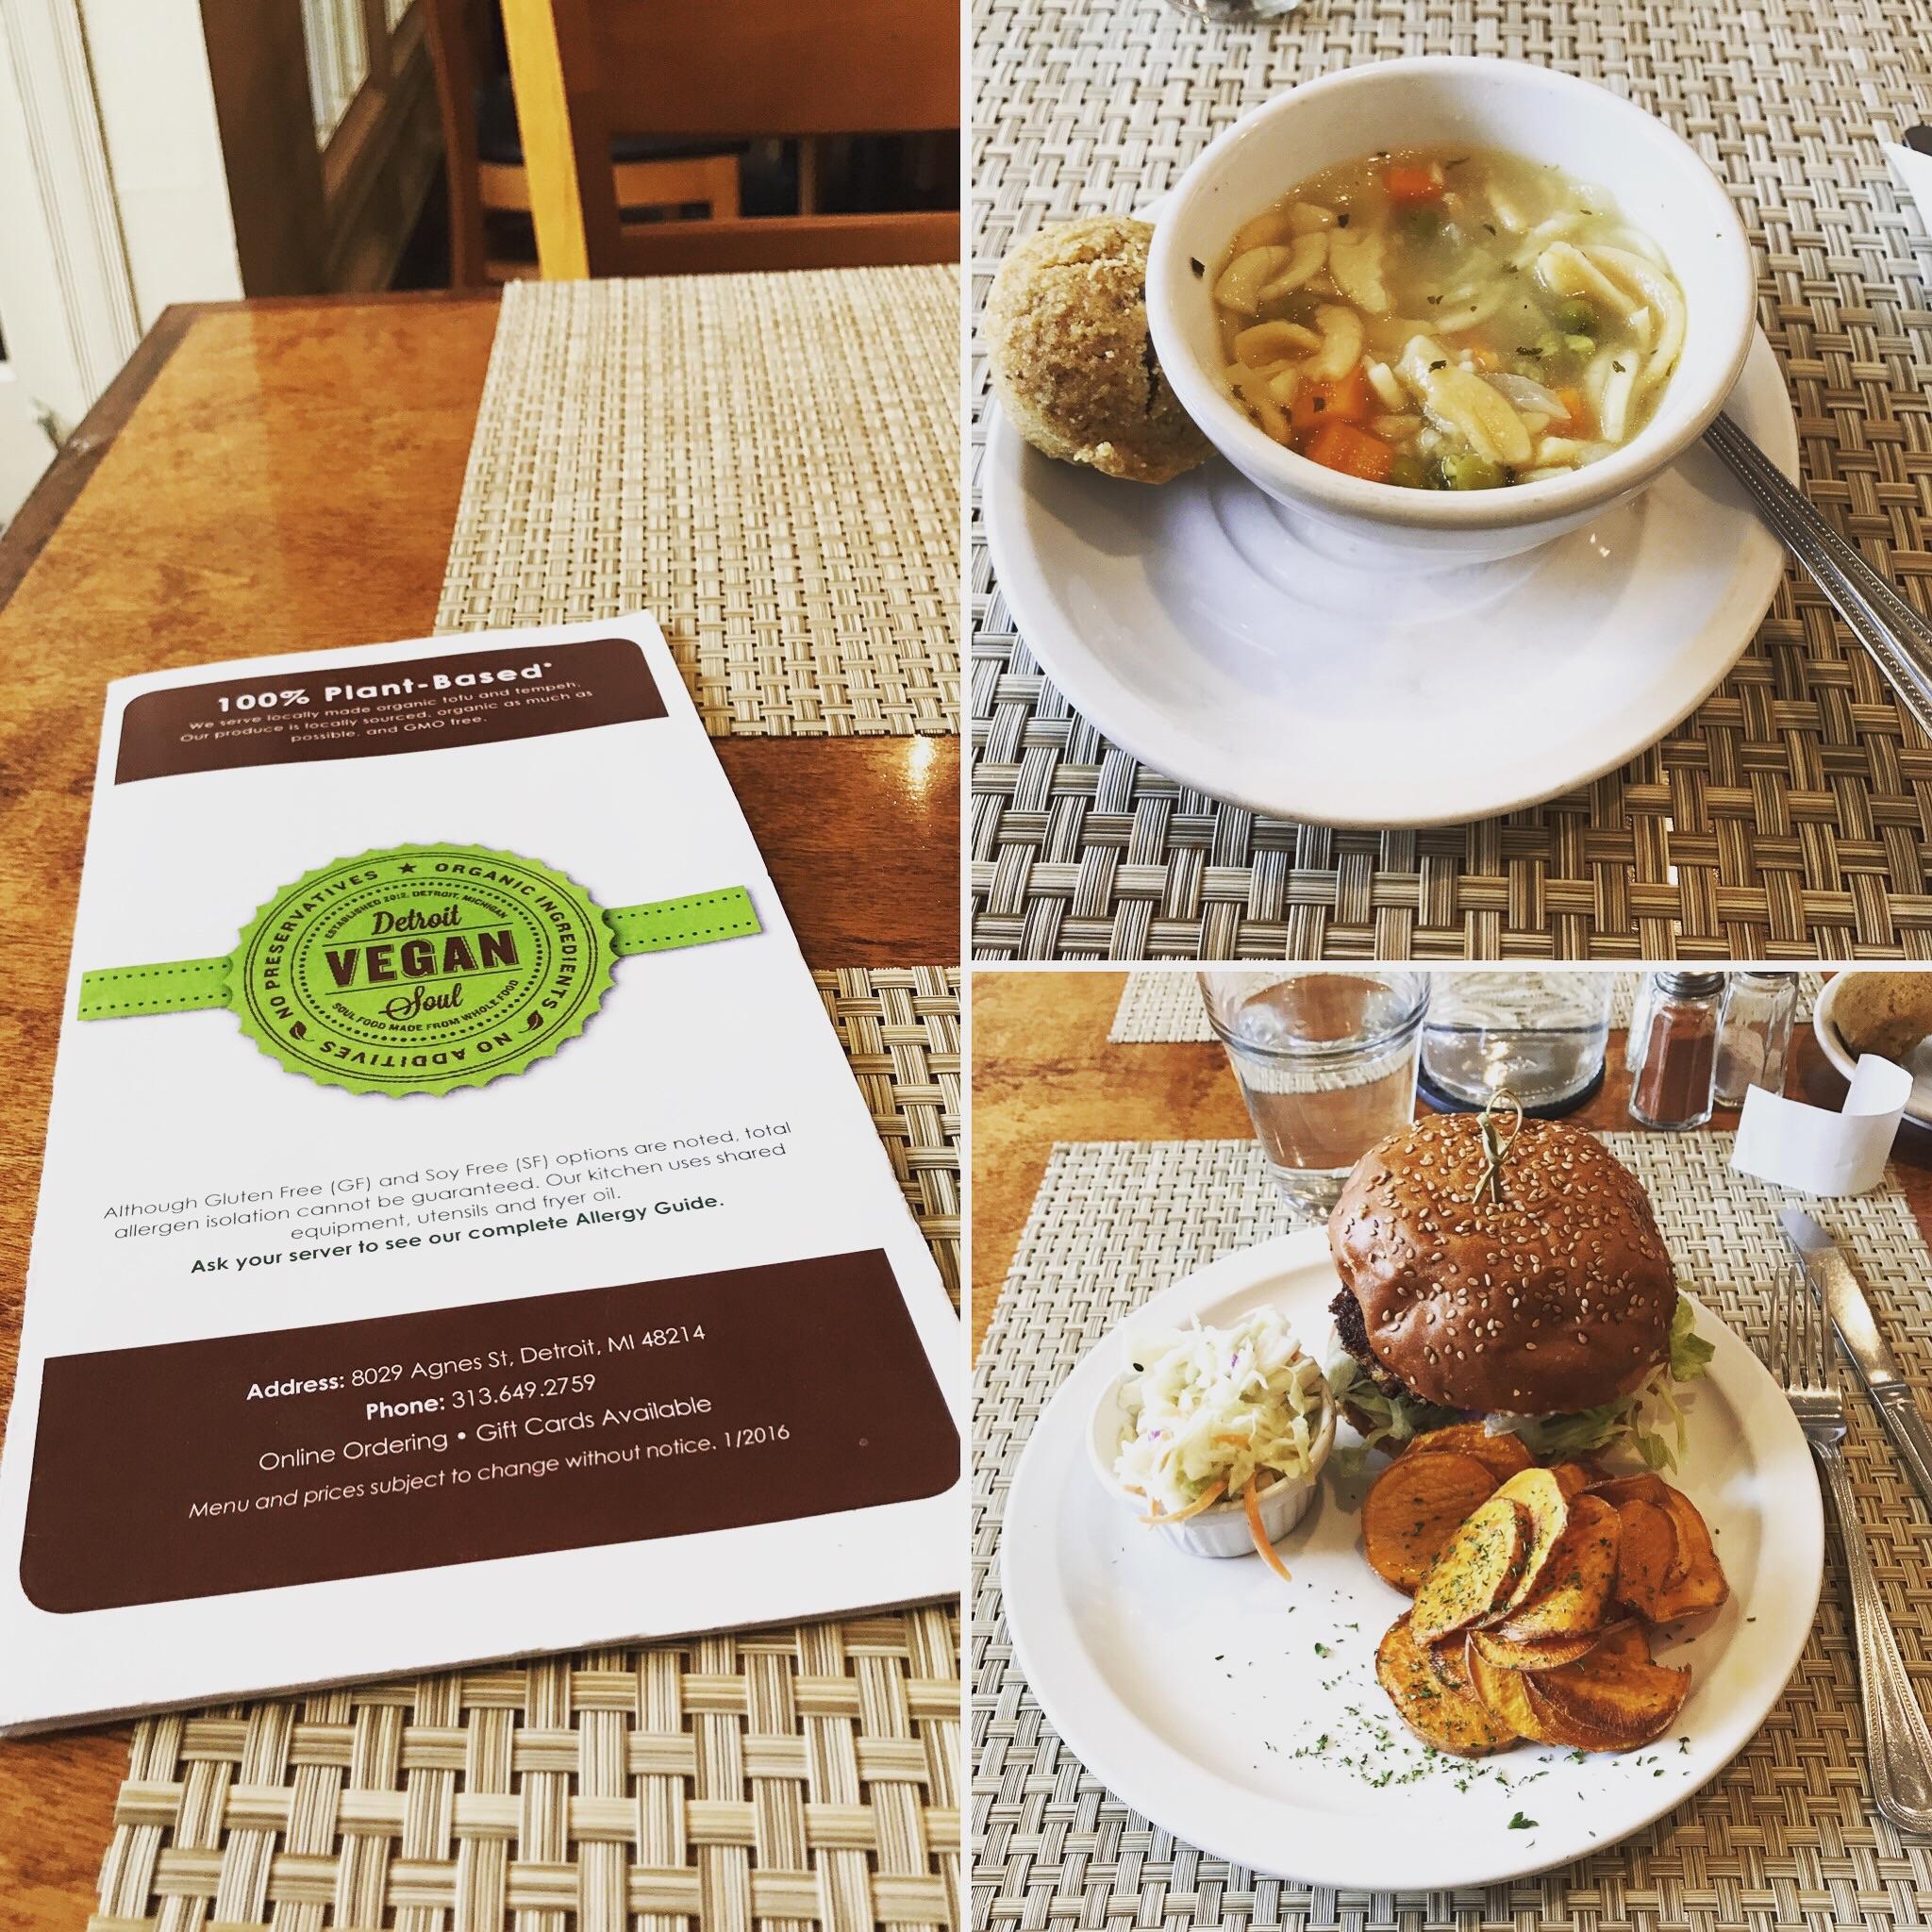 IMG 4859 - Comment survivre à la nourriture américaine?